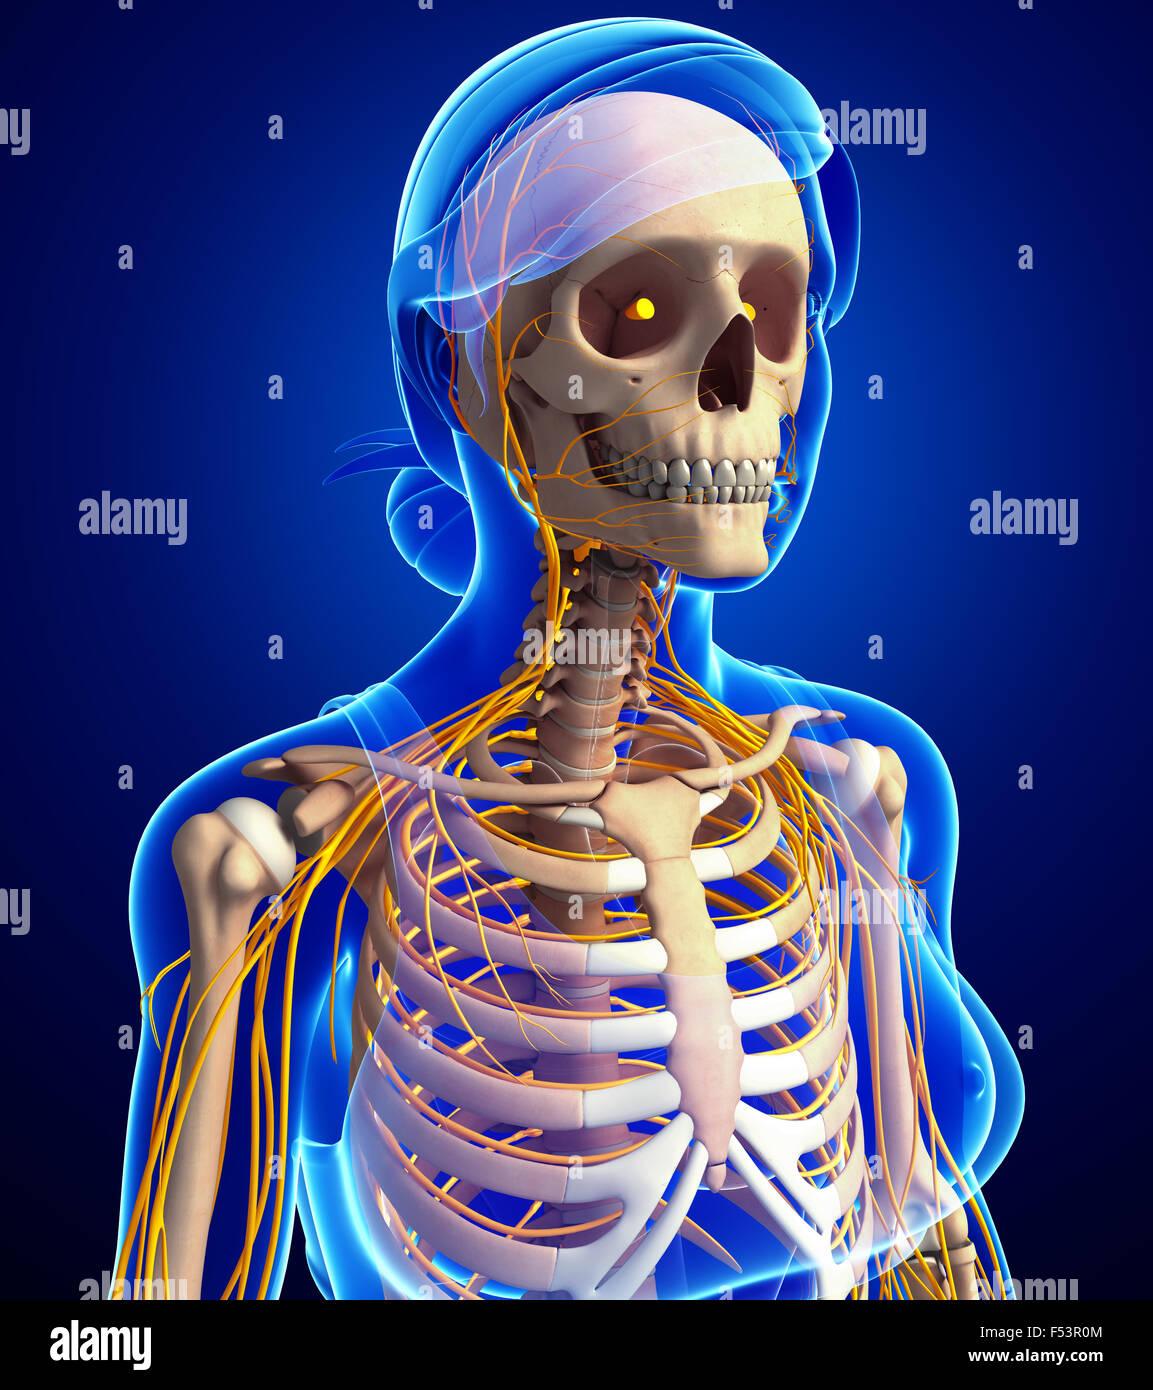 Darstellung der weiblichen Brustkorb mit Nervensystem Stockfoto ...